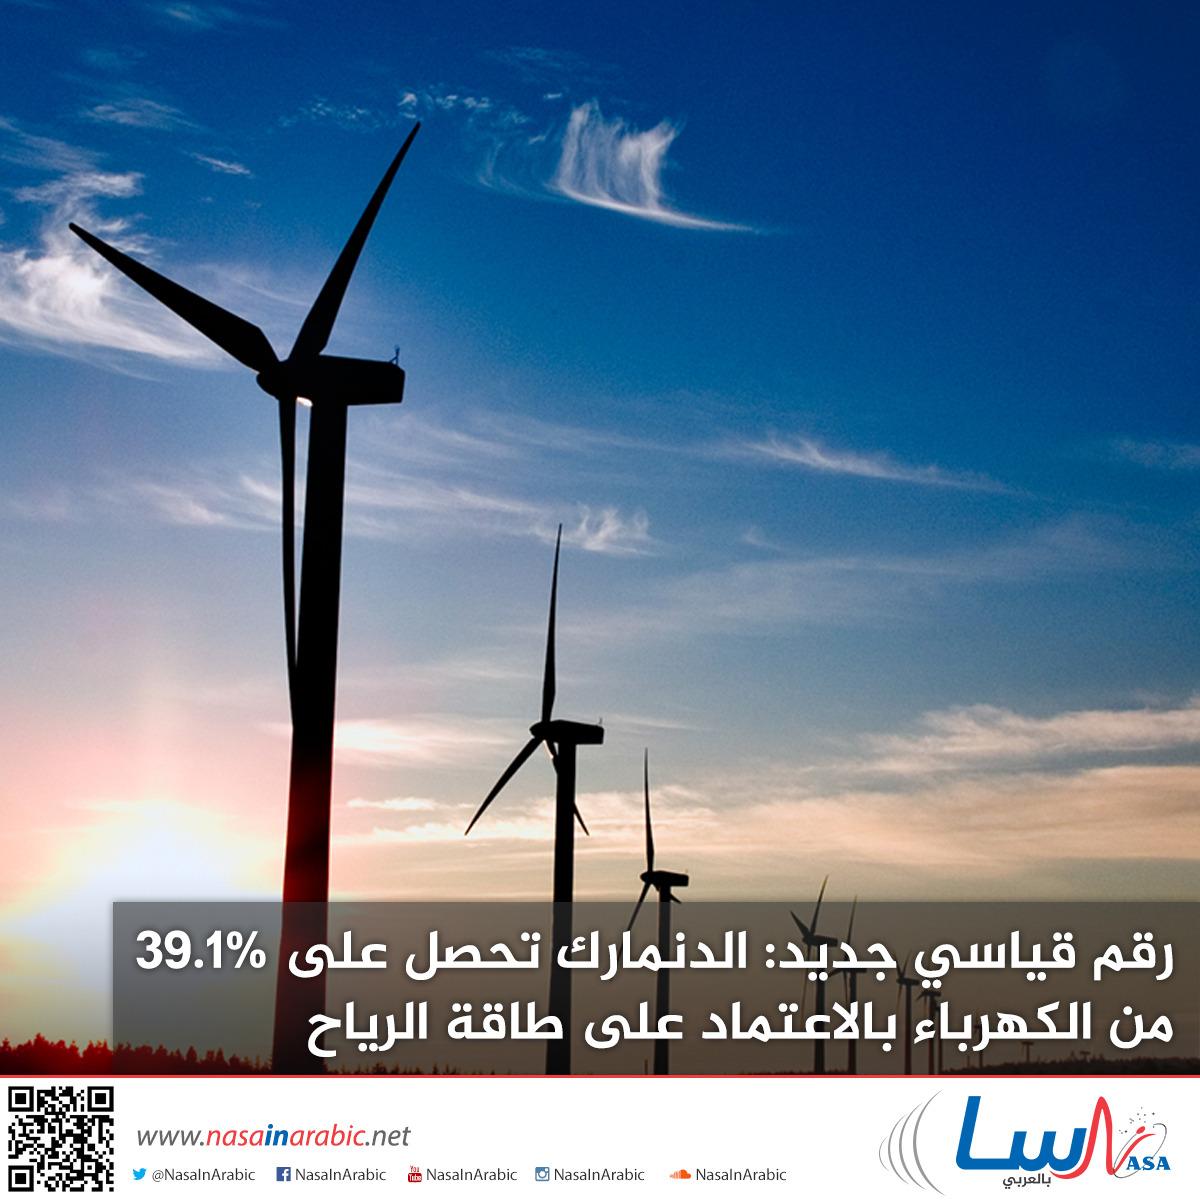 رقم قياسي جديد: الدنمارك تحصل على 39.1% من الكهرباء بالاعتماد على طاقة الرياح